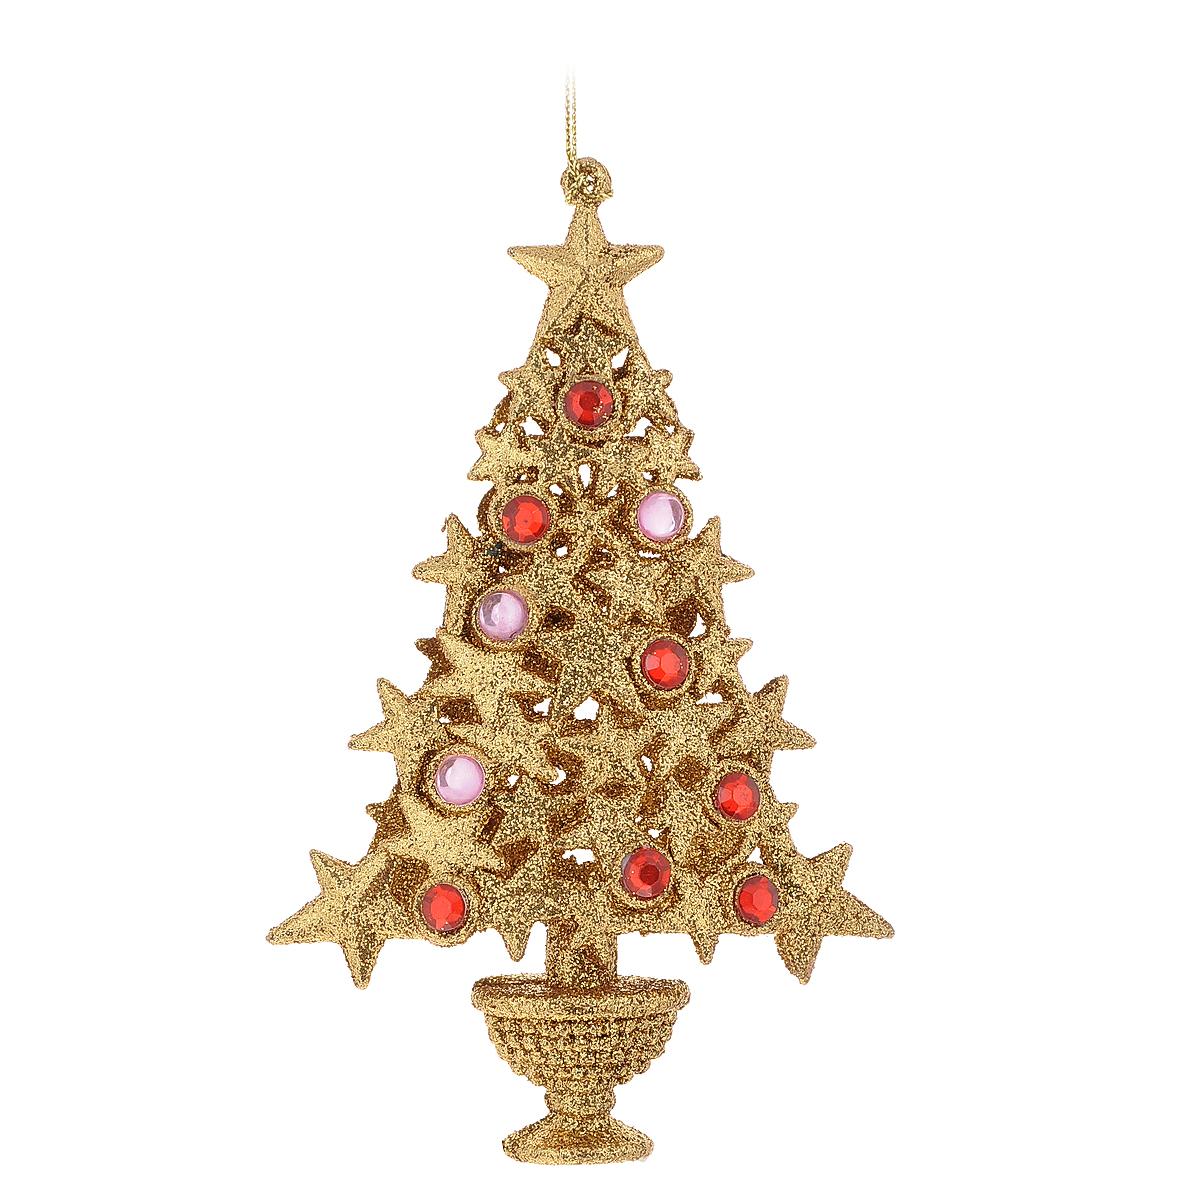 Новогоднее подвесное украшение Елка со стразами, цвет: золотистый, 10 см х 16 см х 3 см новогоднее подвесное украшение лягушка цвет золотистый желтый ф21 1711